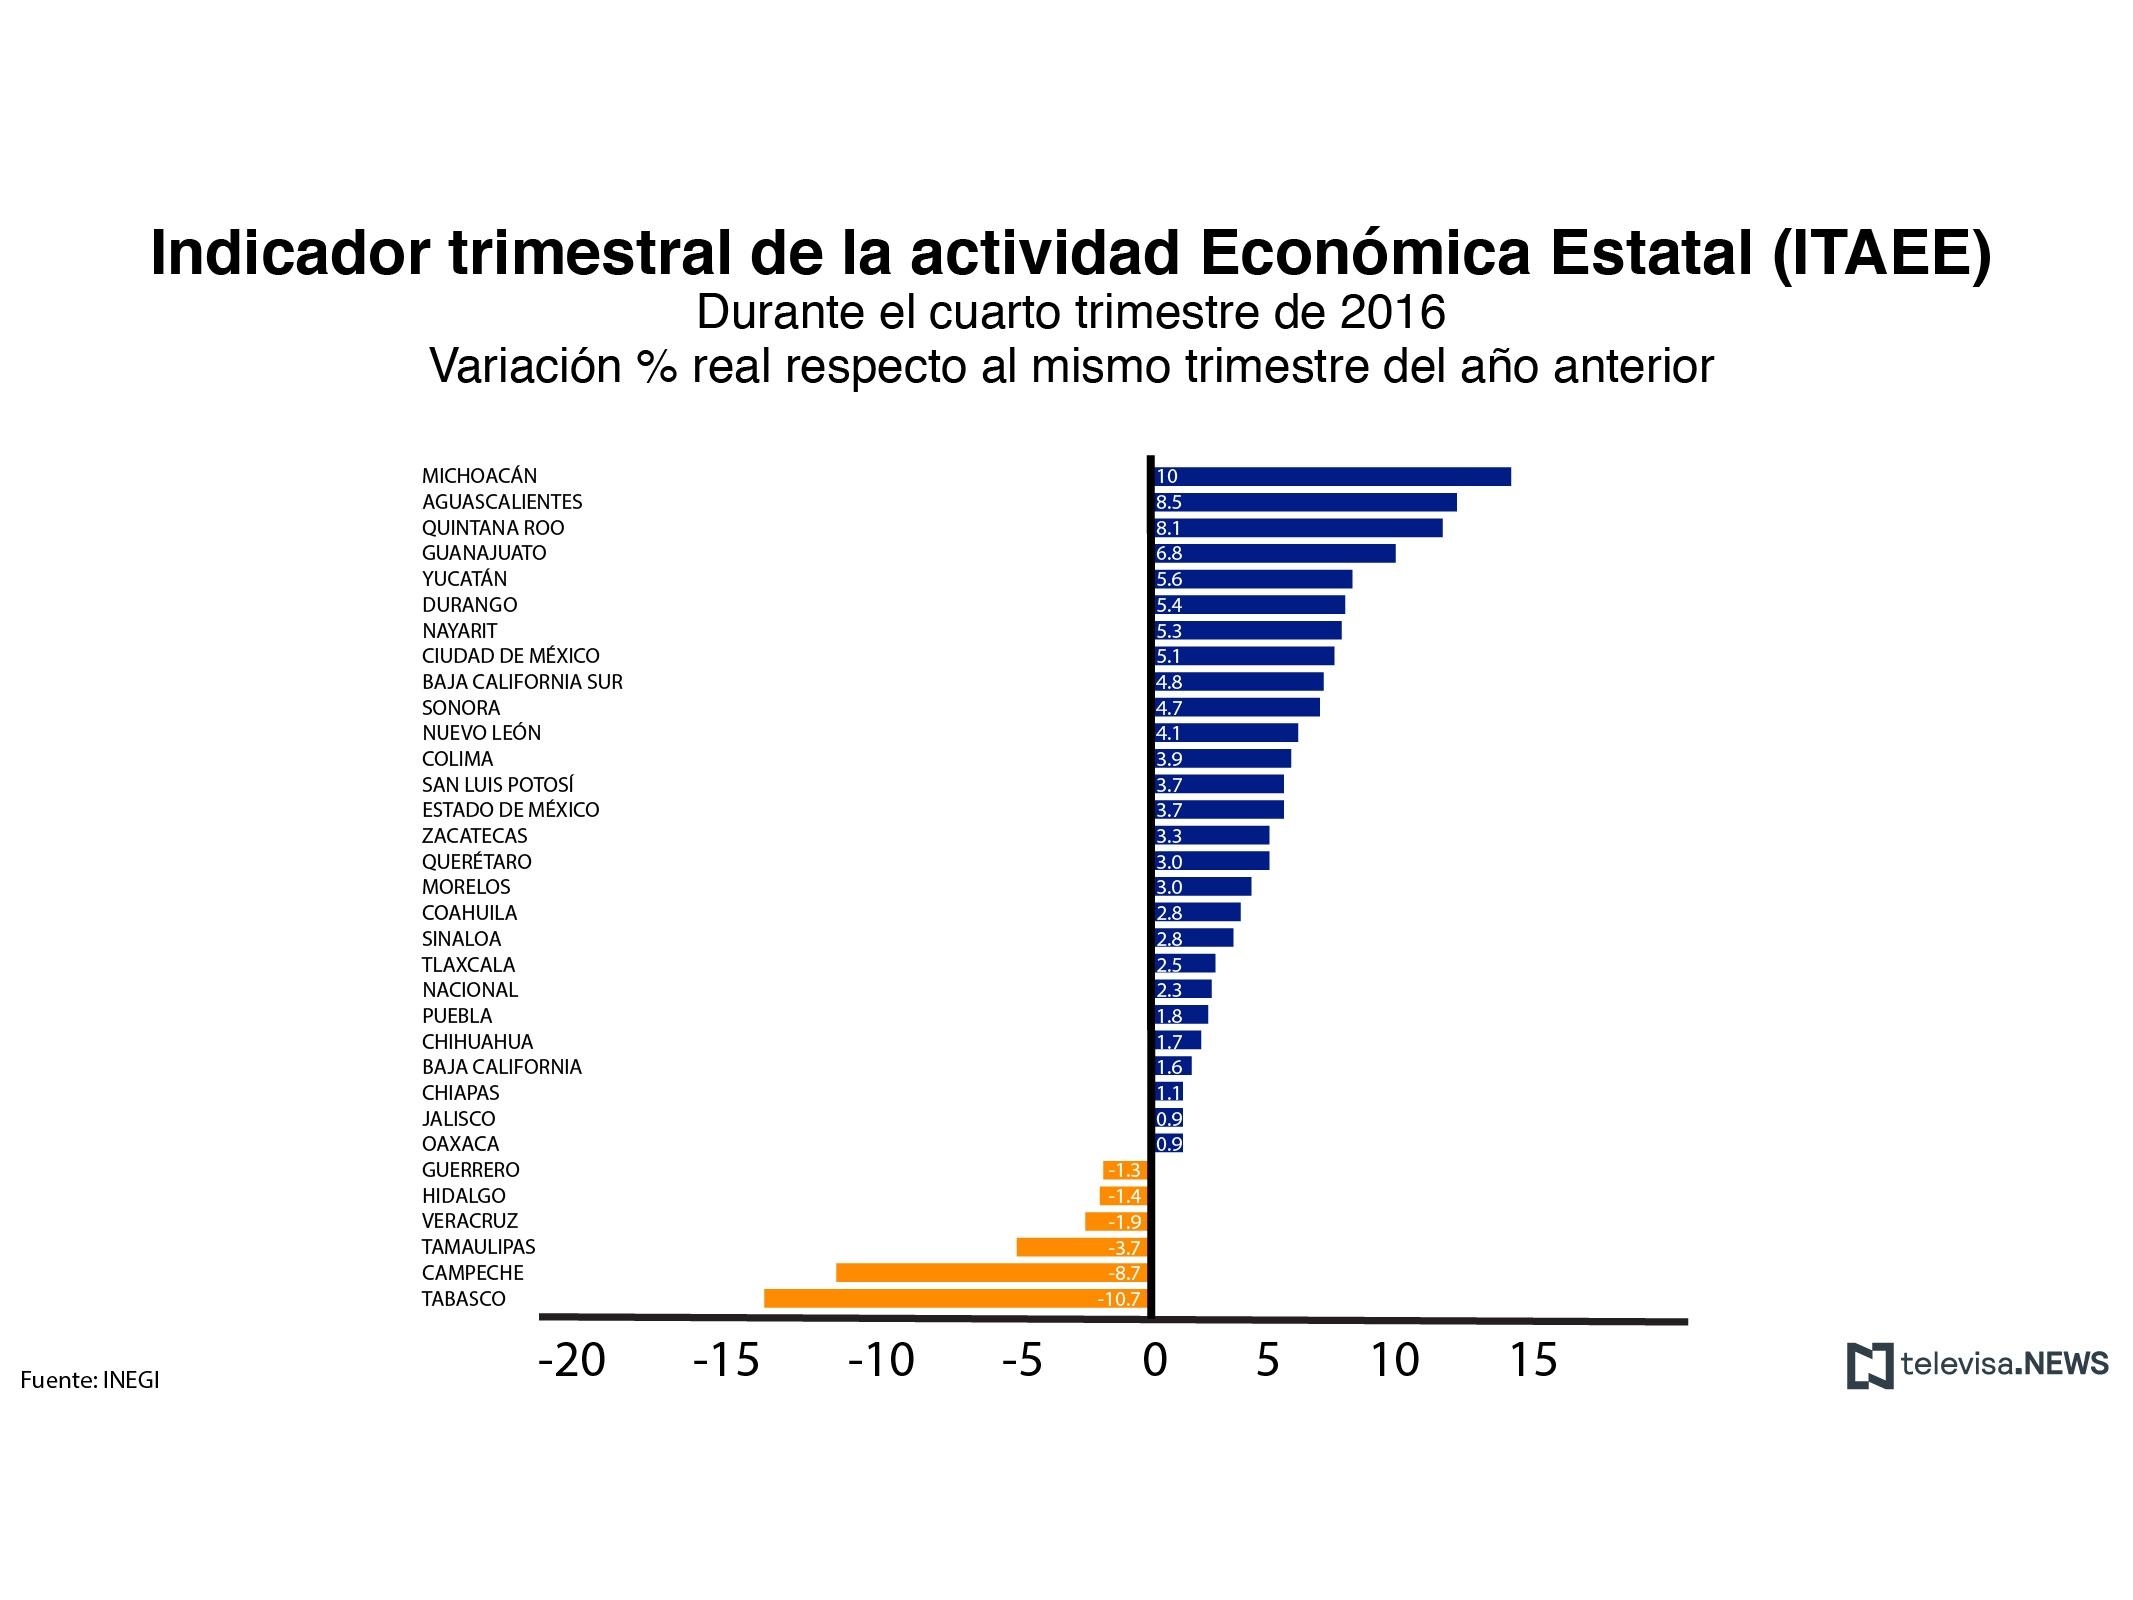 Michoacán, creció 10%; Tabasco cayó 10.7%